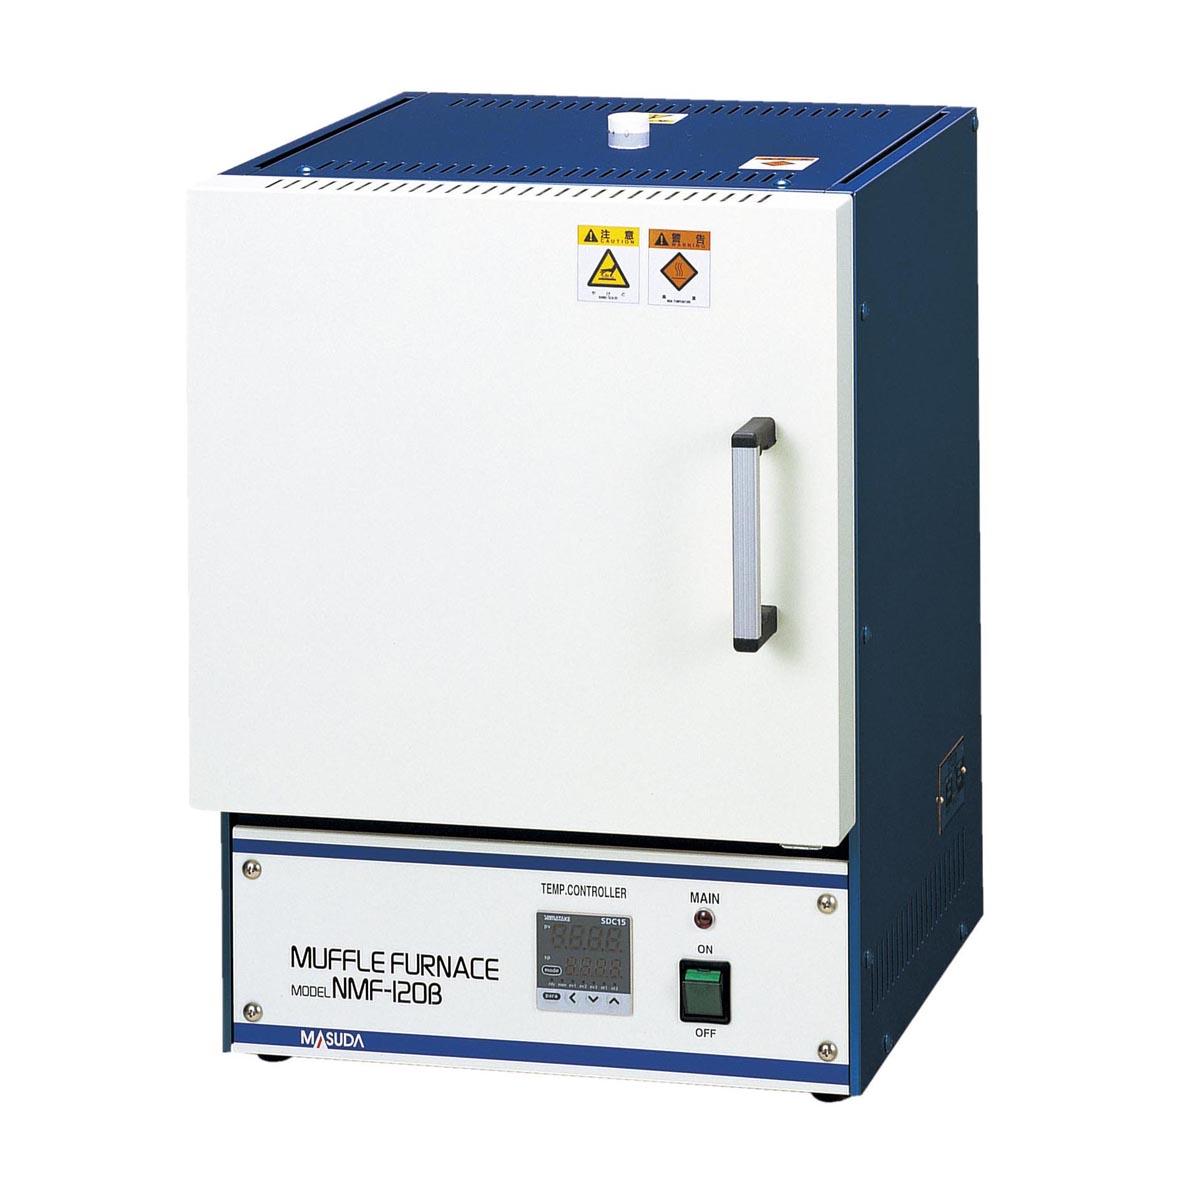 増田理化工業 卓上型マッフル炉 NMF-120B